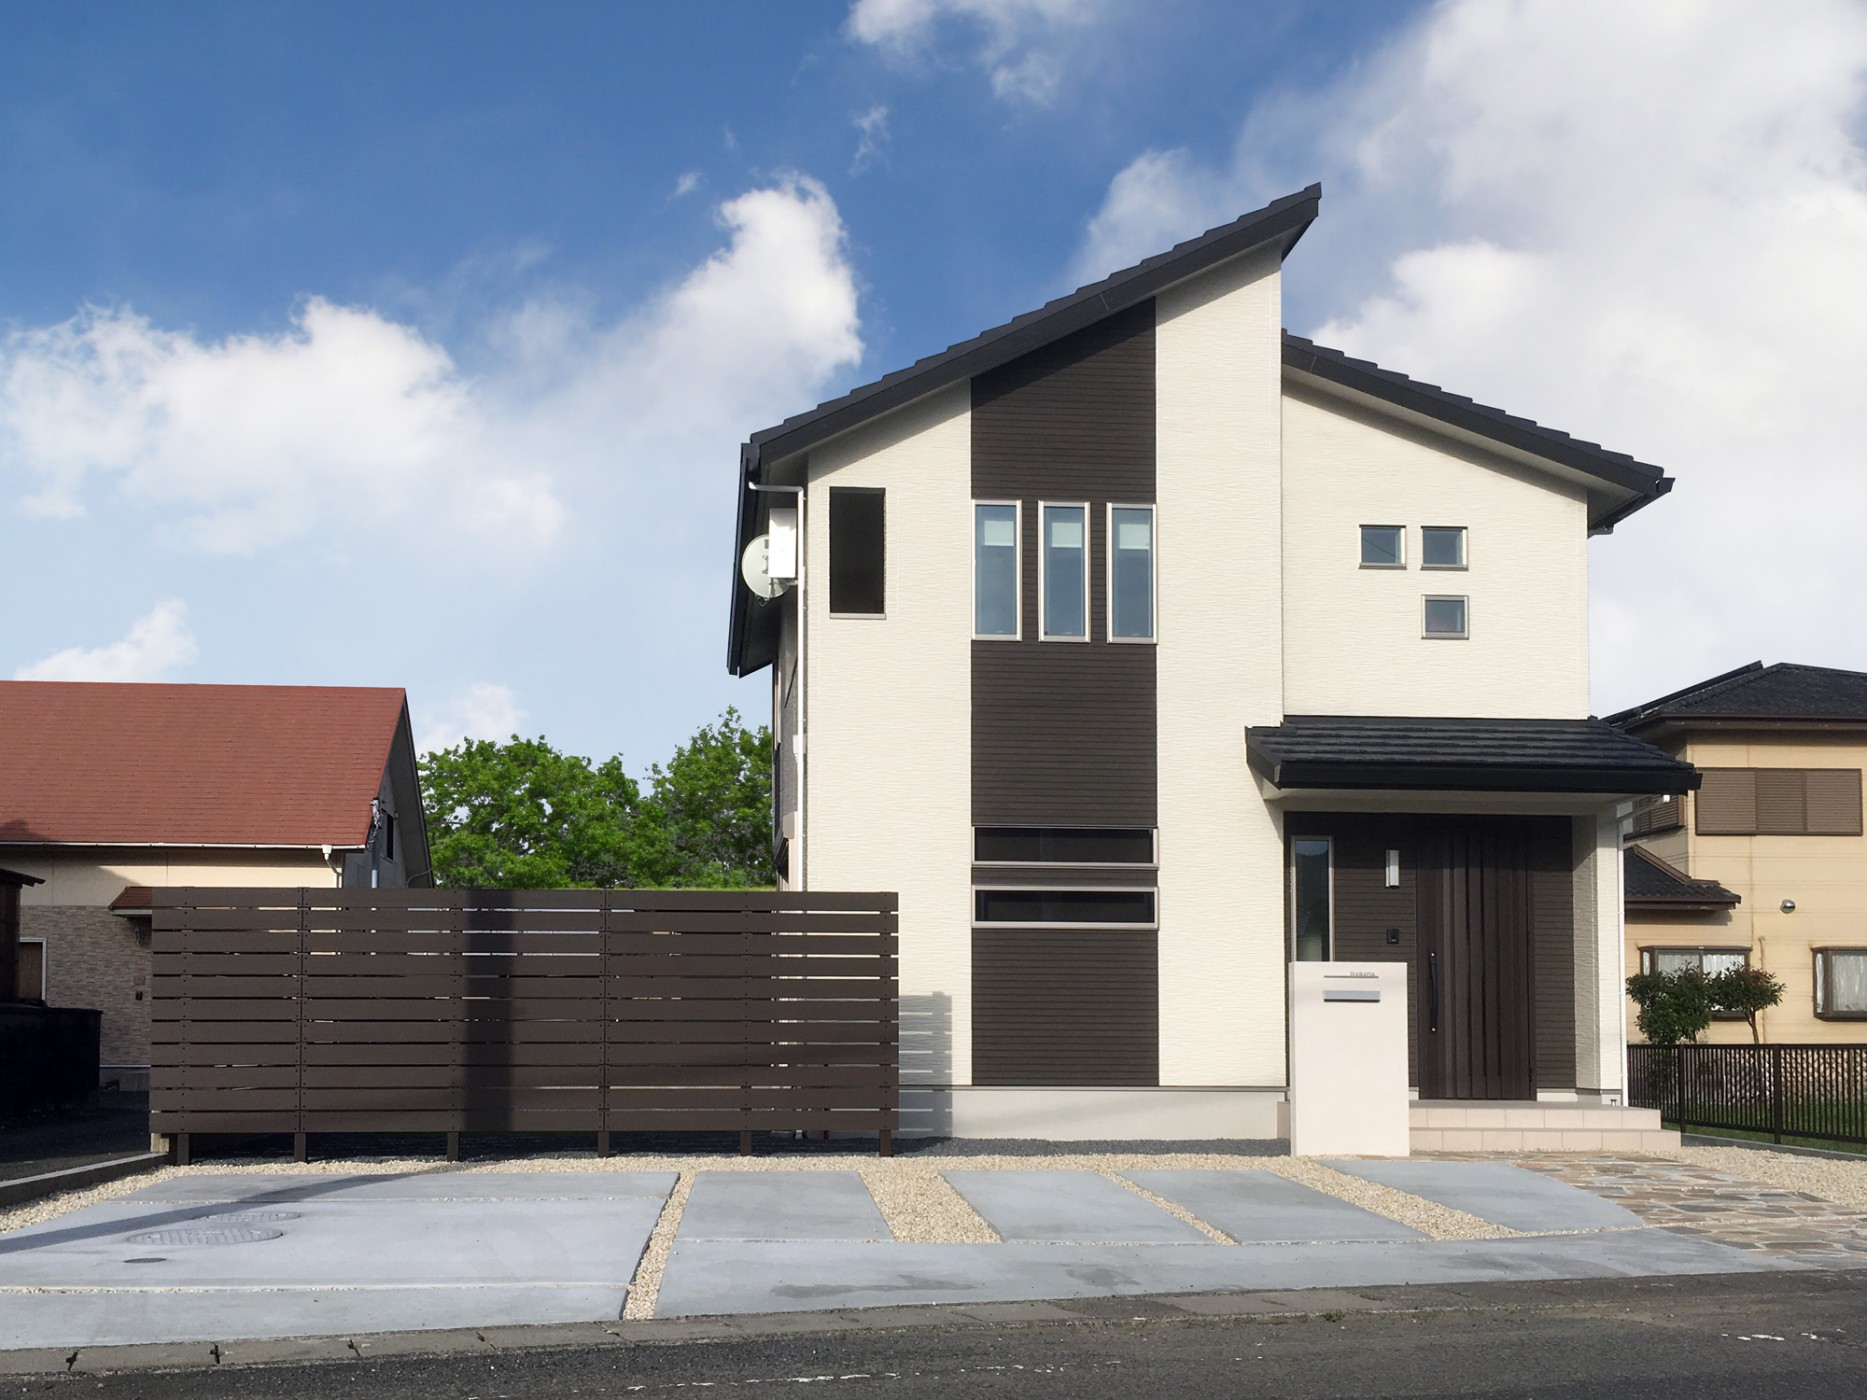 外観|駐車スペースとプライバシーを確保したお庭スペースをプランニング